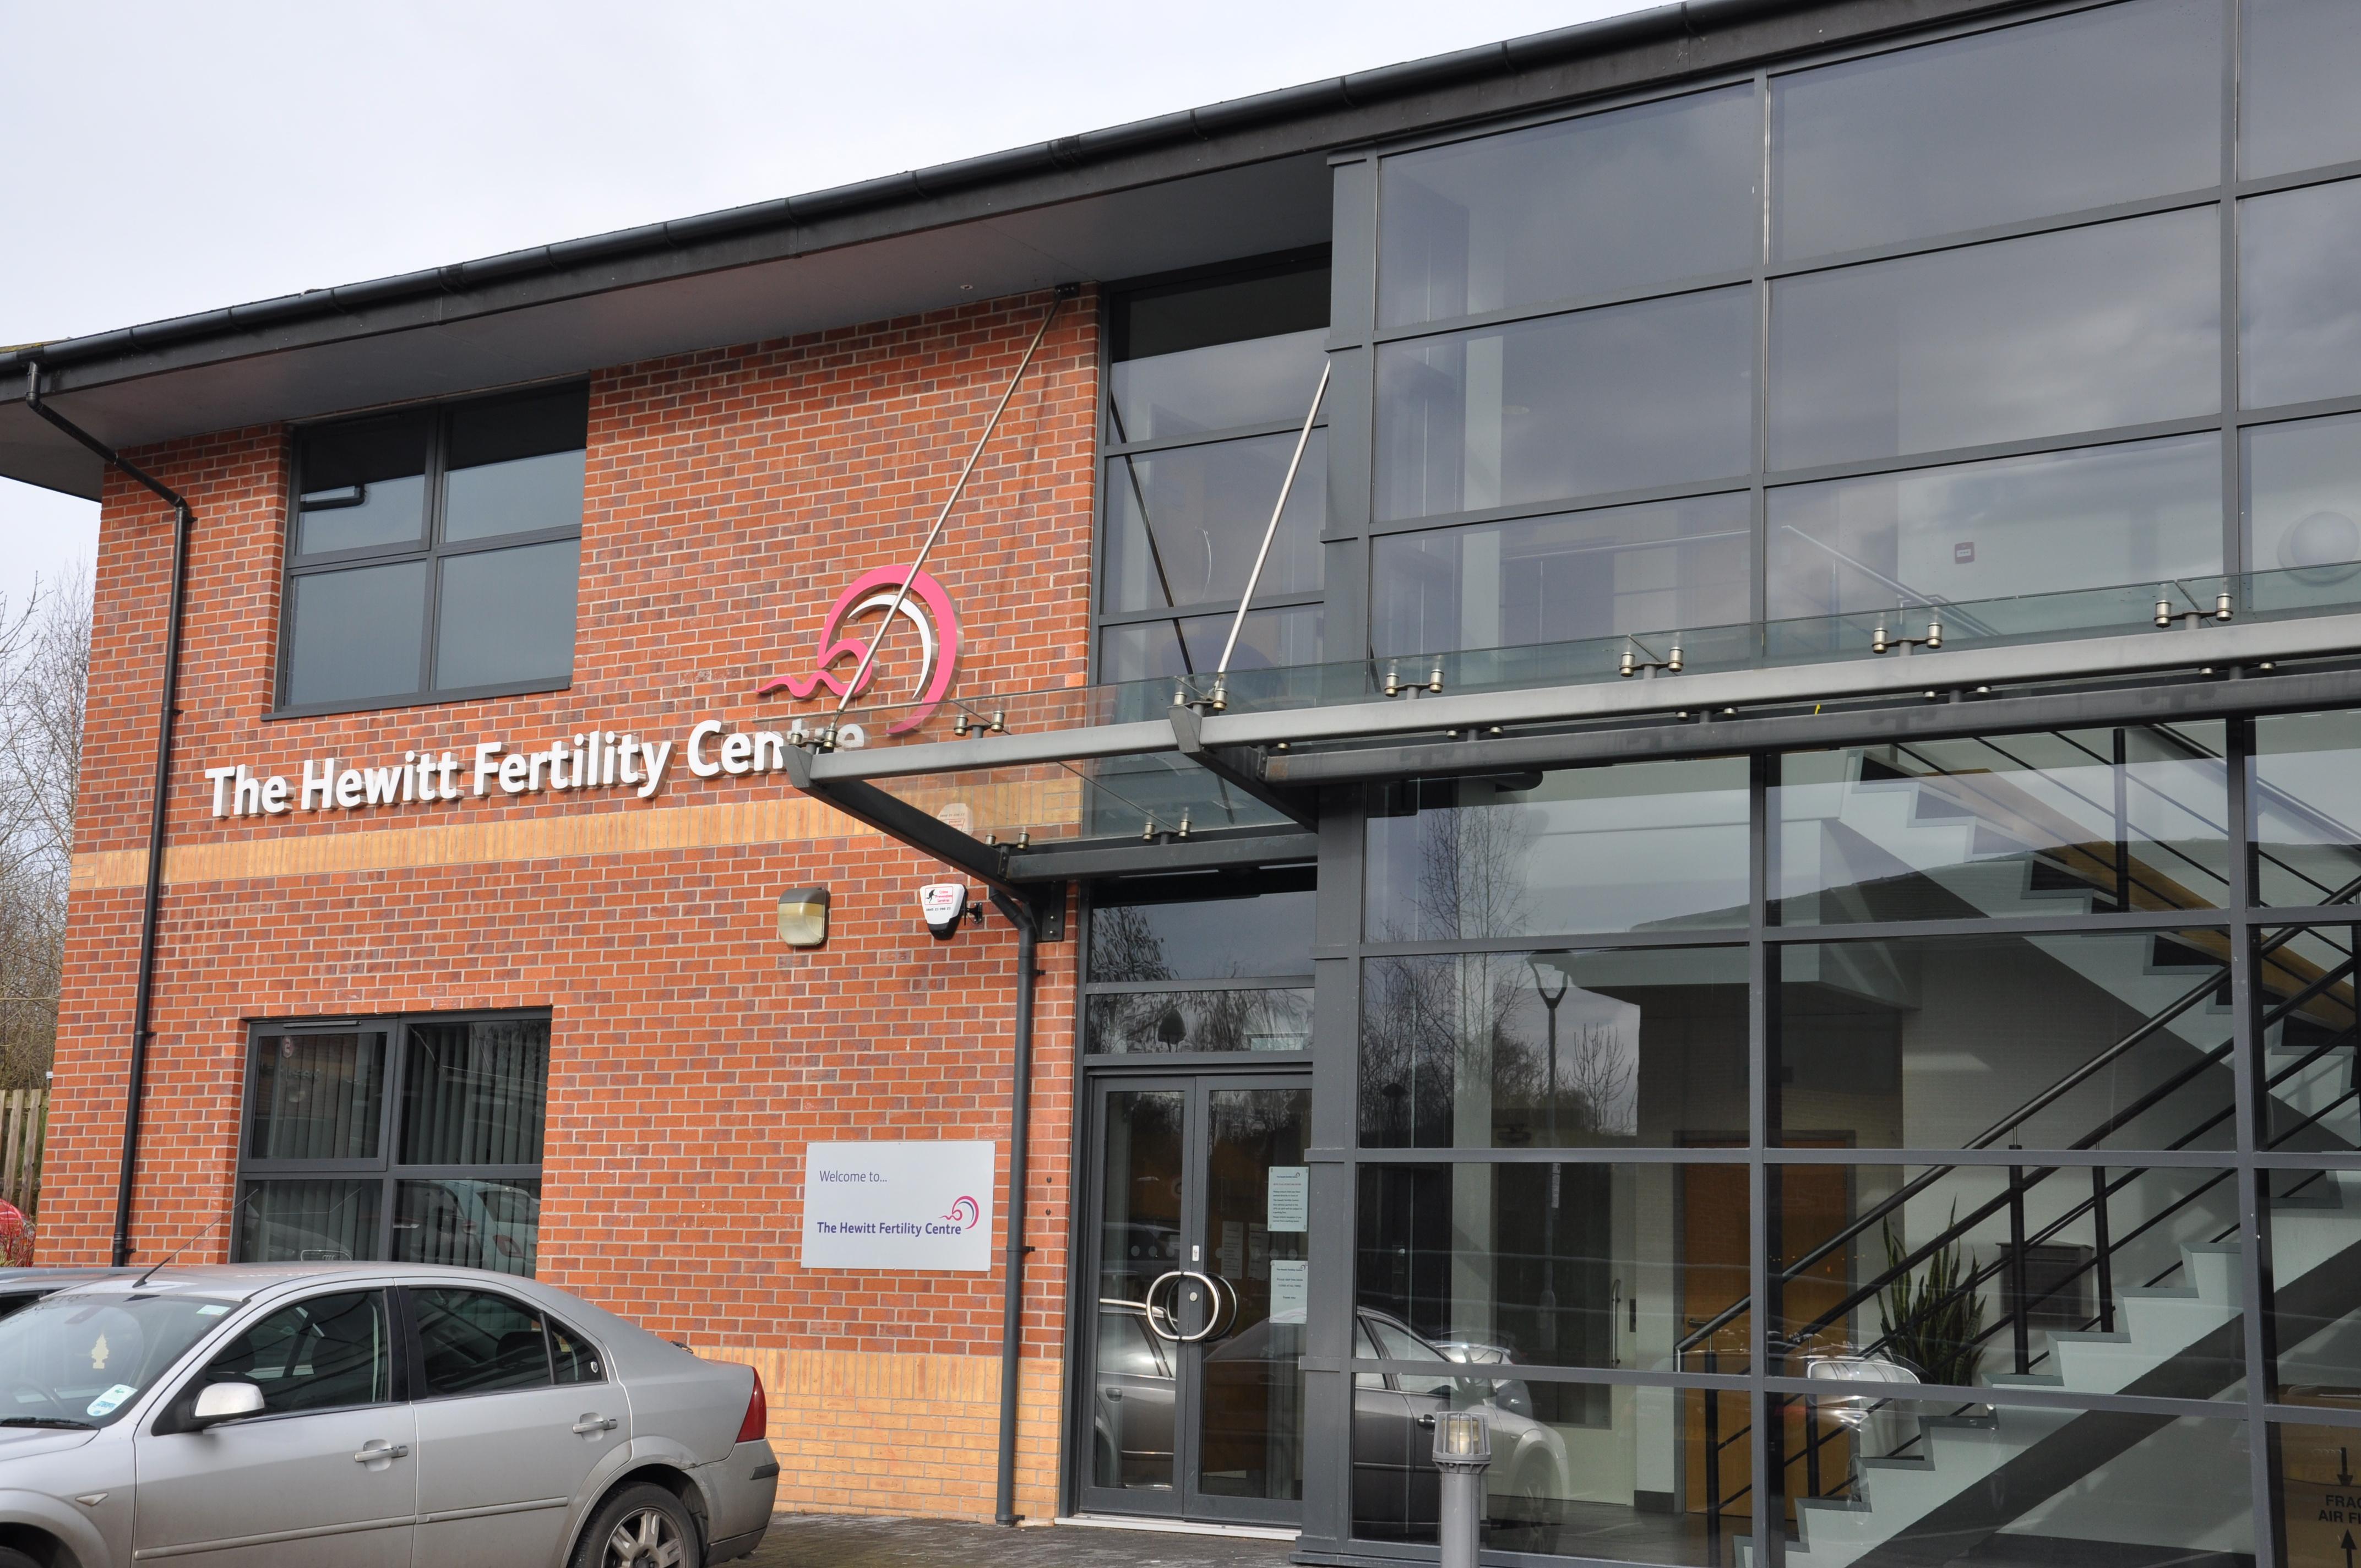 Hewitt Fertility Centre, Knutsford